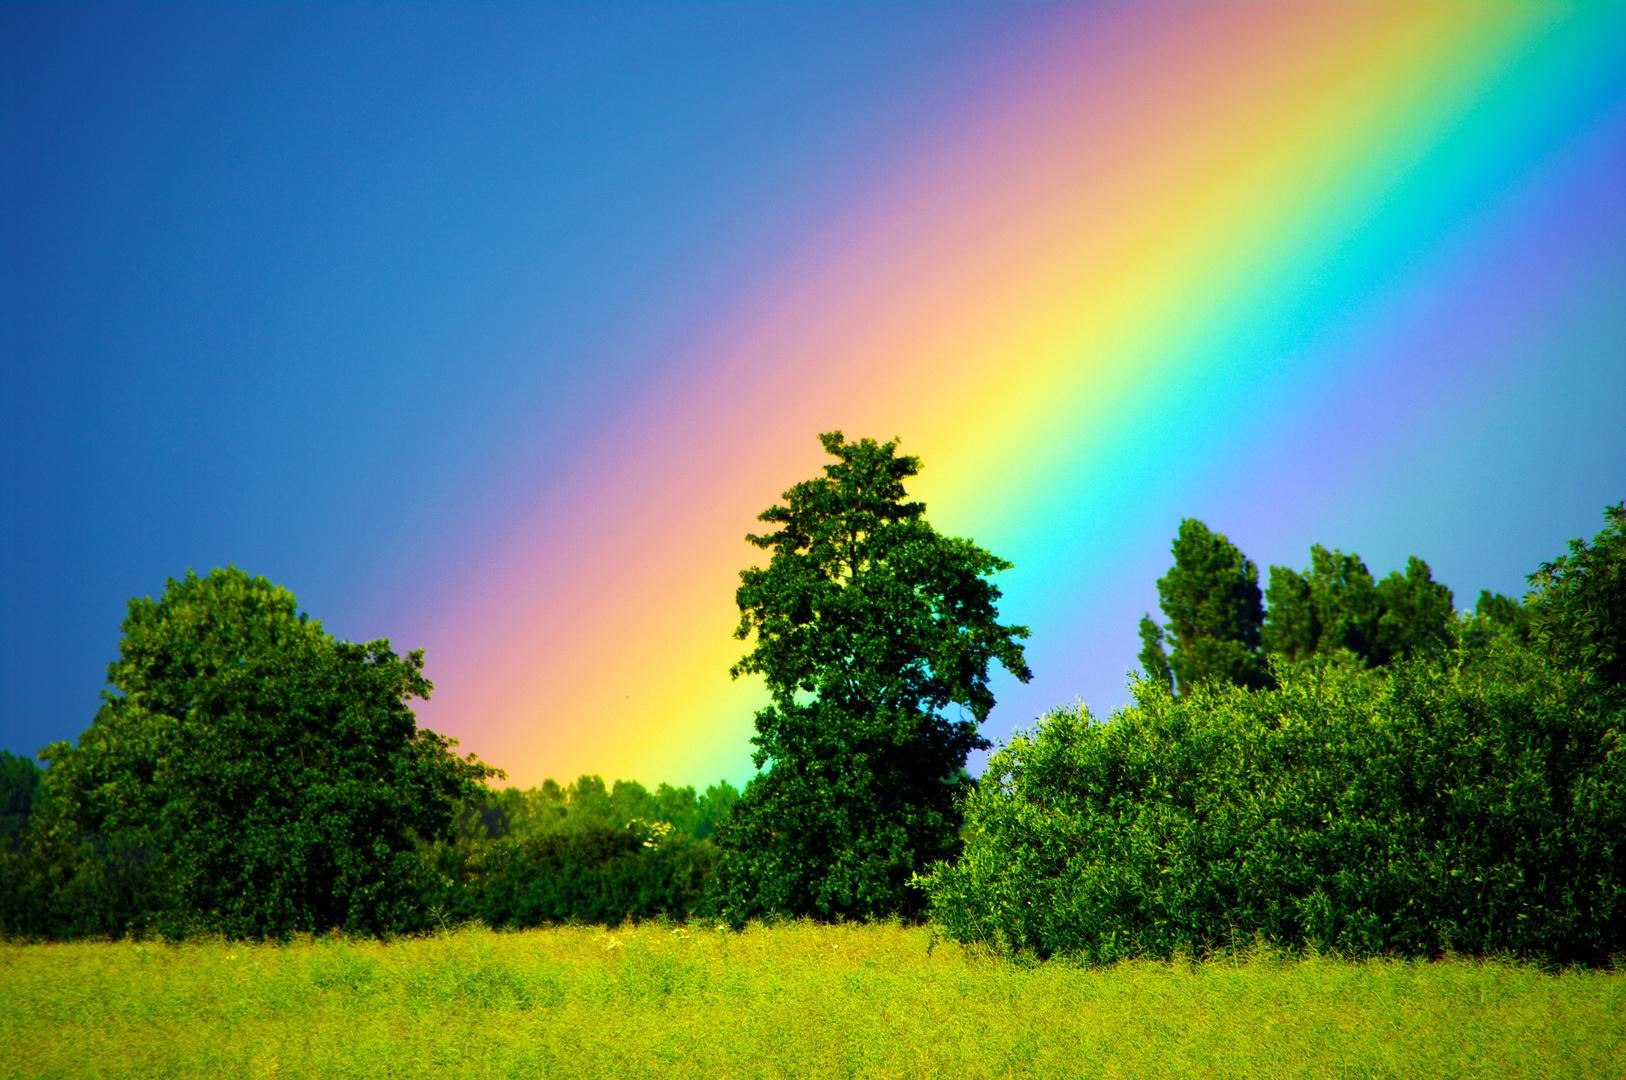 Am Fuße eines Regenbogens